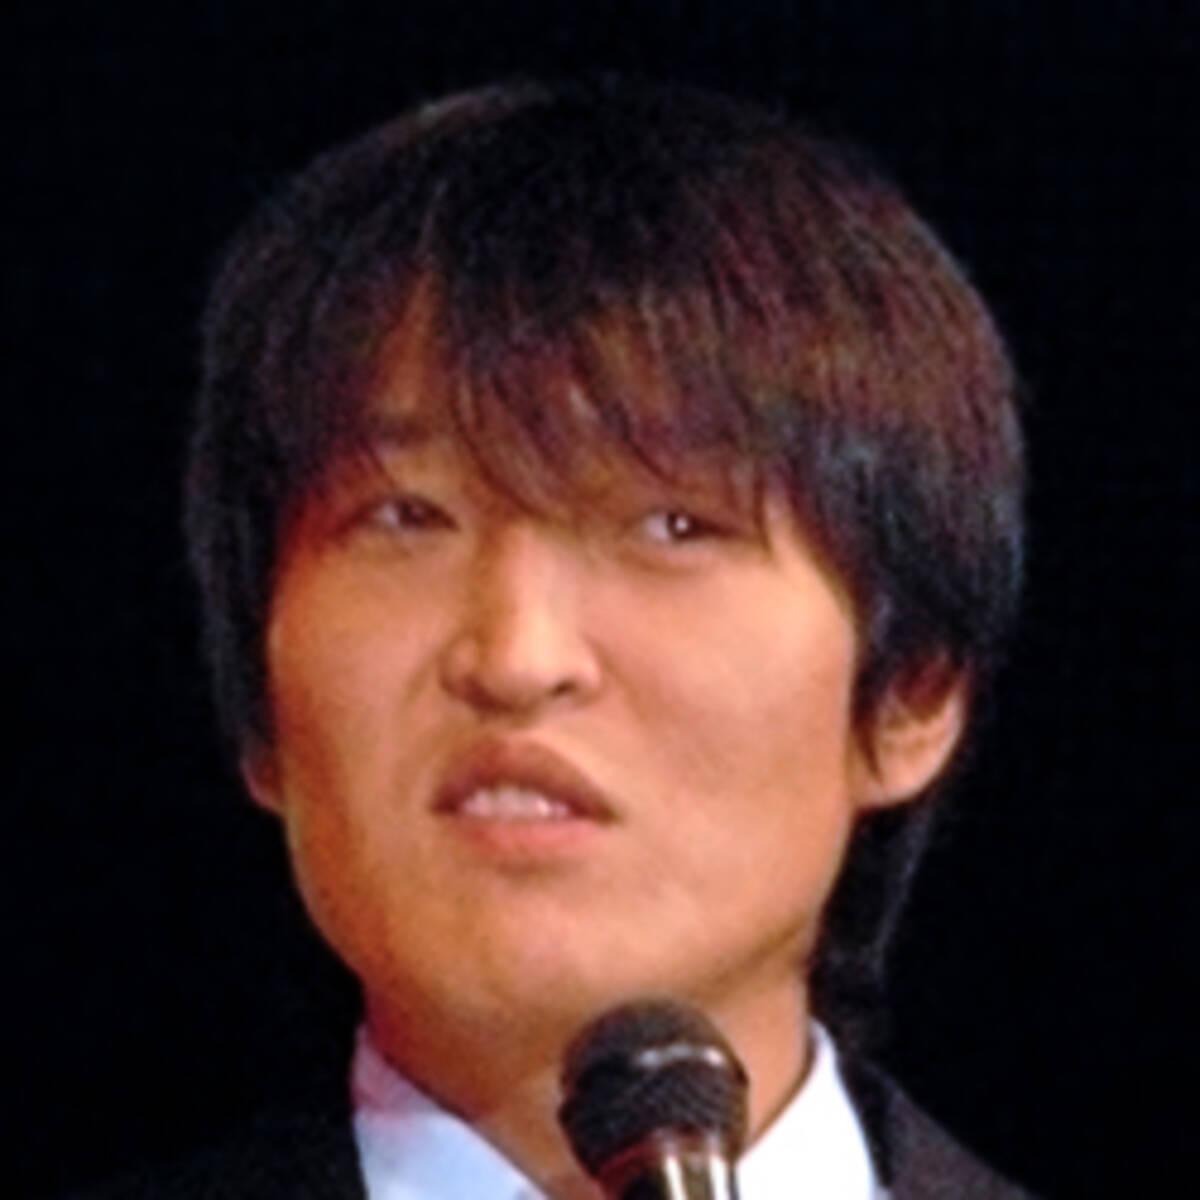 千原ジュニアを かわいい に目覚めさせたジャニーズタレントとは 15年10月14日 エキサイトニュース